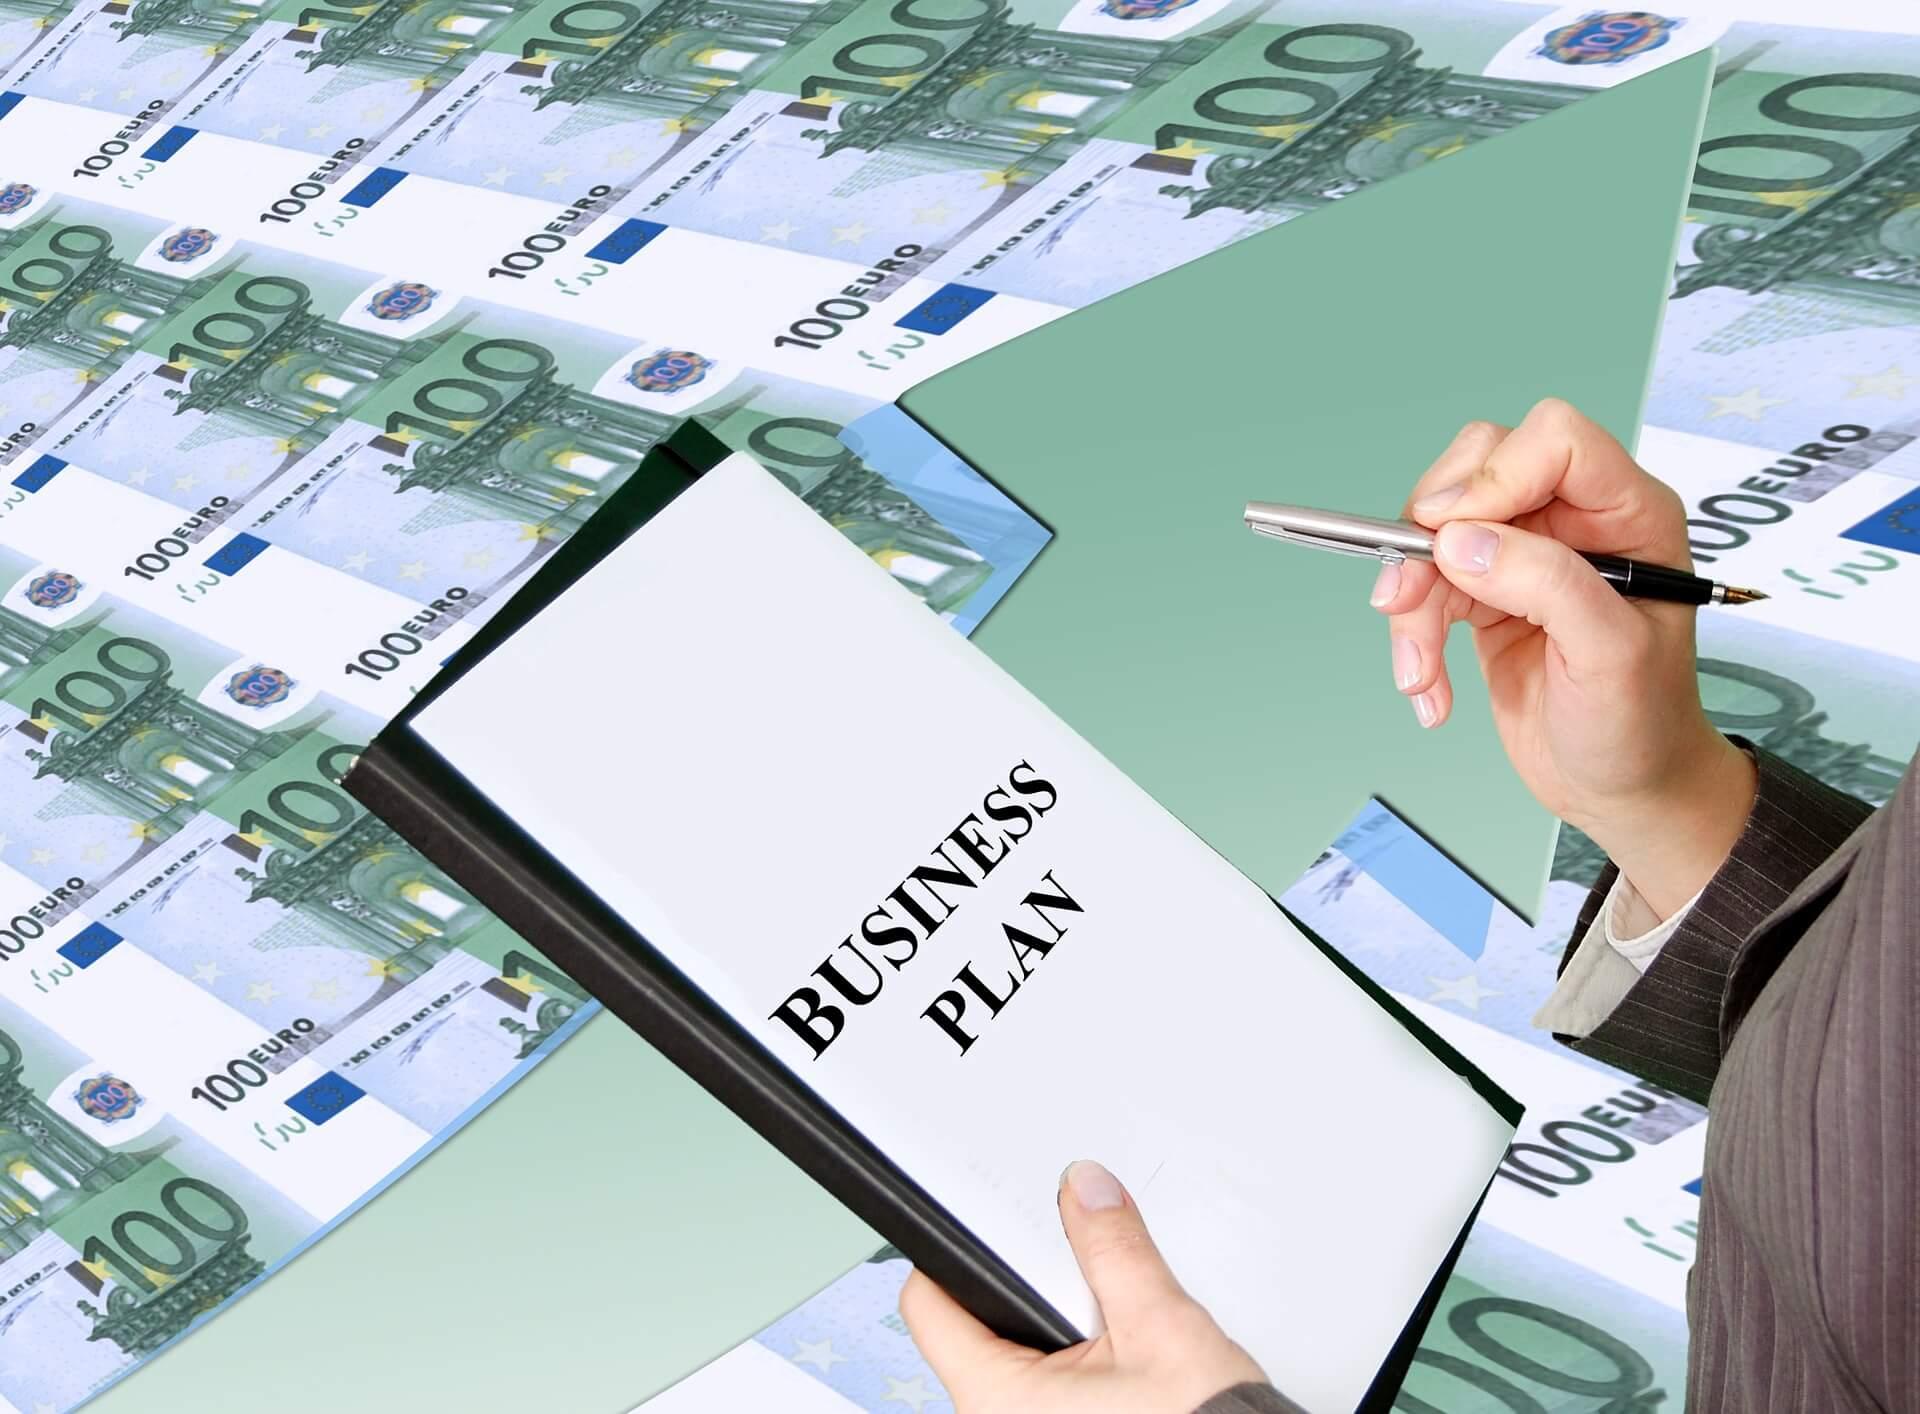 Un plan comercial es vital para una empresa